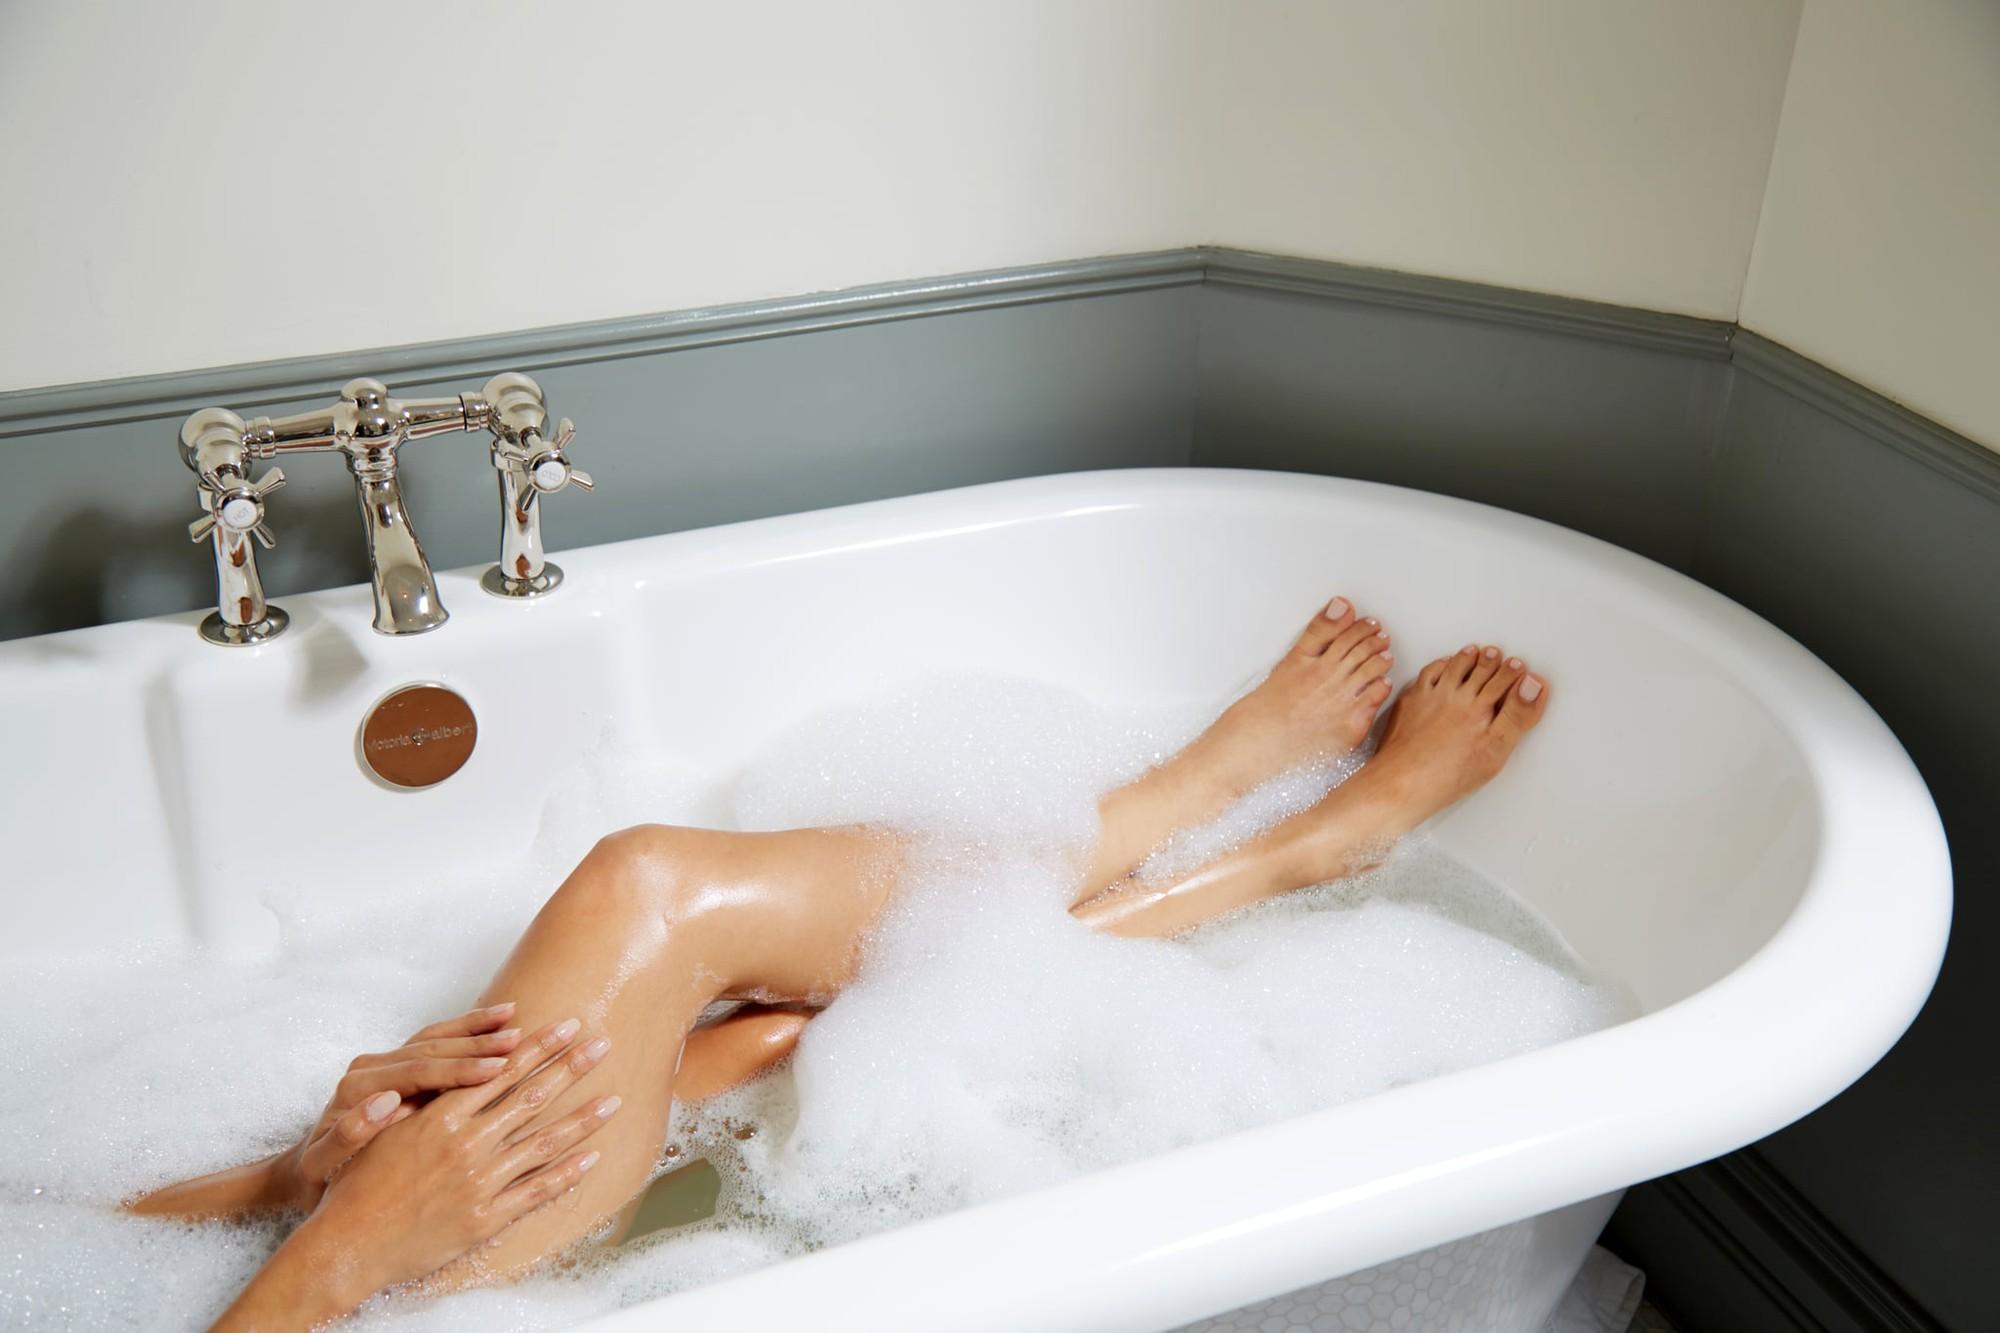 Người đang ướt mồ hôi tuyệt đối không làm những điều này đề phòng cơ thể bị nhiễm lạnh - Ảnh 1.